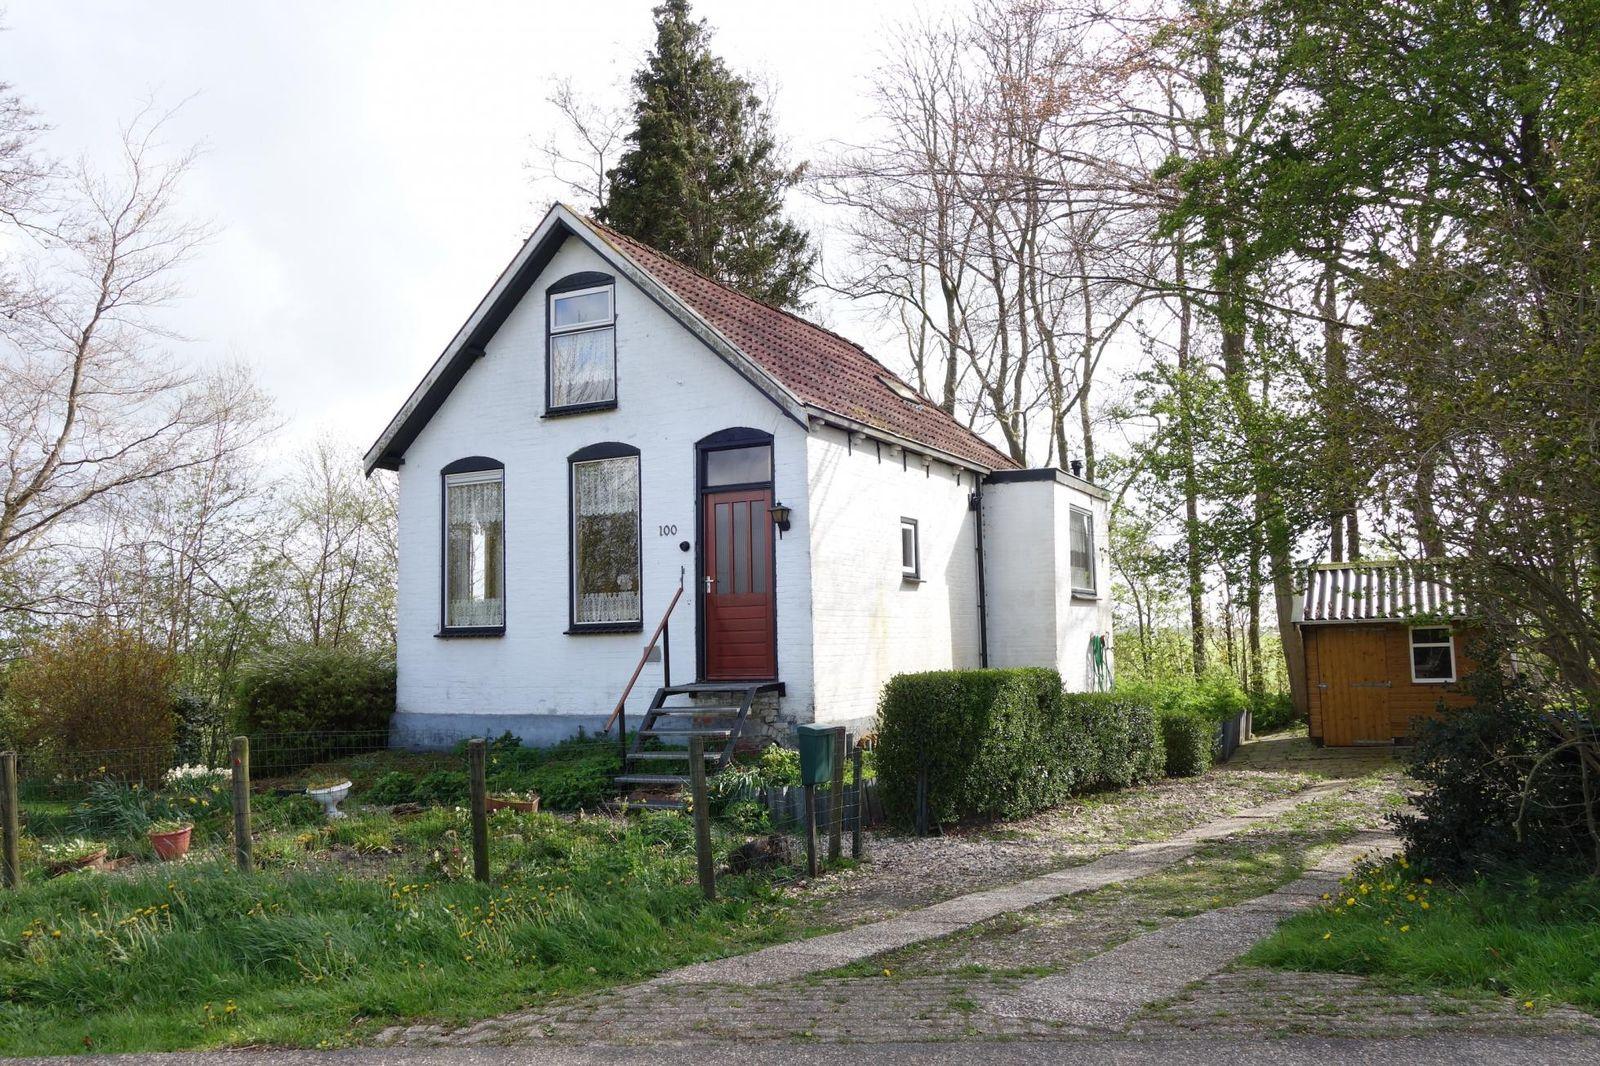 Domela Nieuwenhuisweg 100, Nij Beets